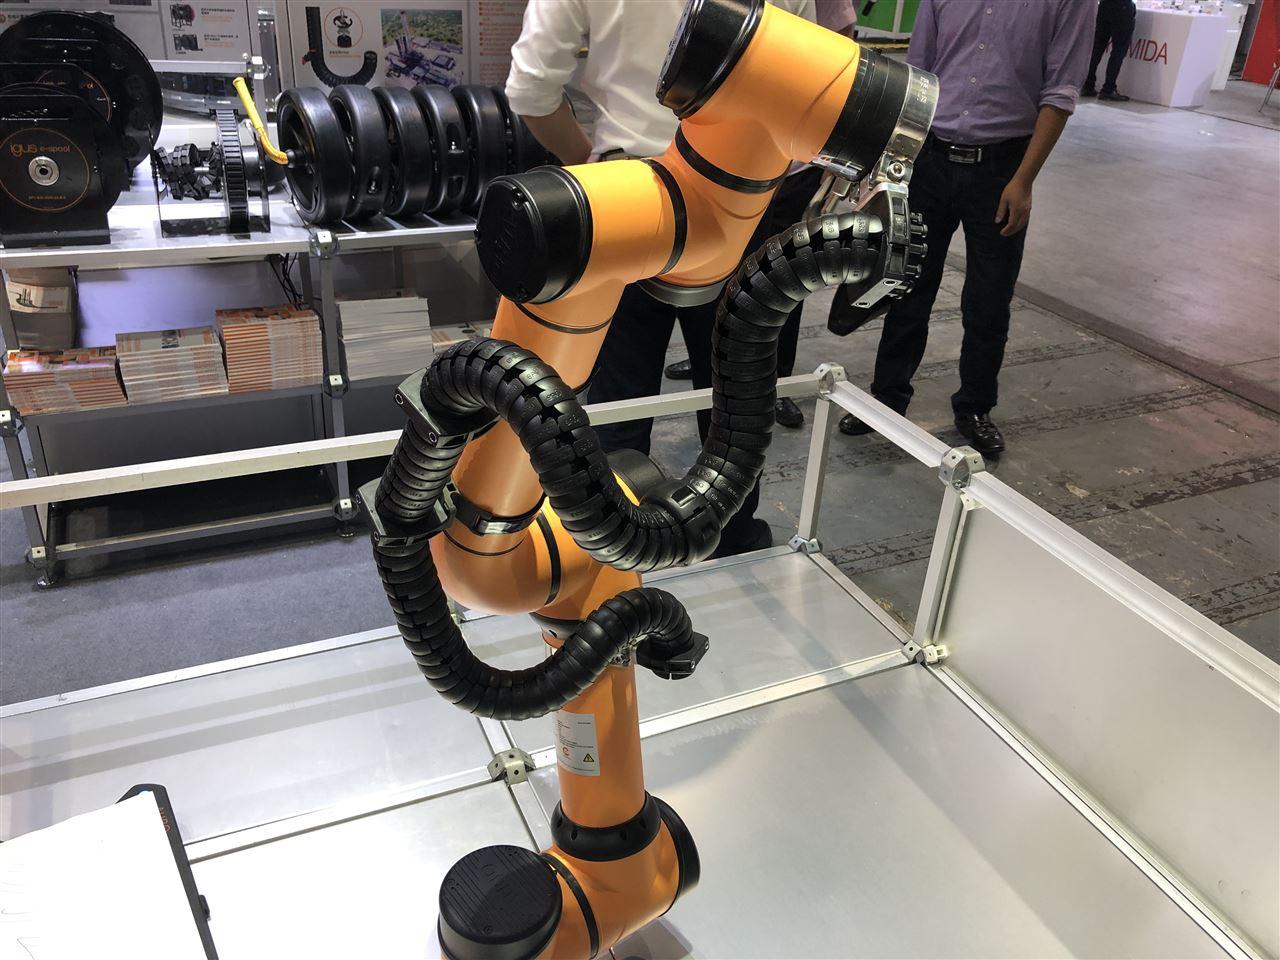 馬斯克:考慮建大學培養機器人編程人才,未來跨星際旅行將成為可能